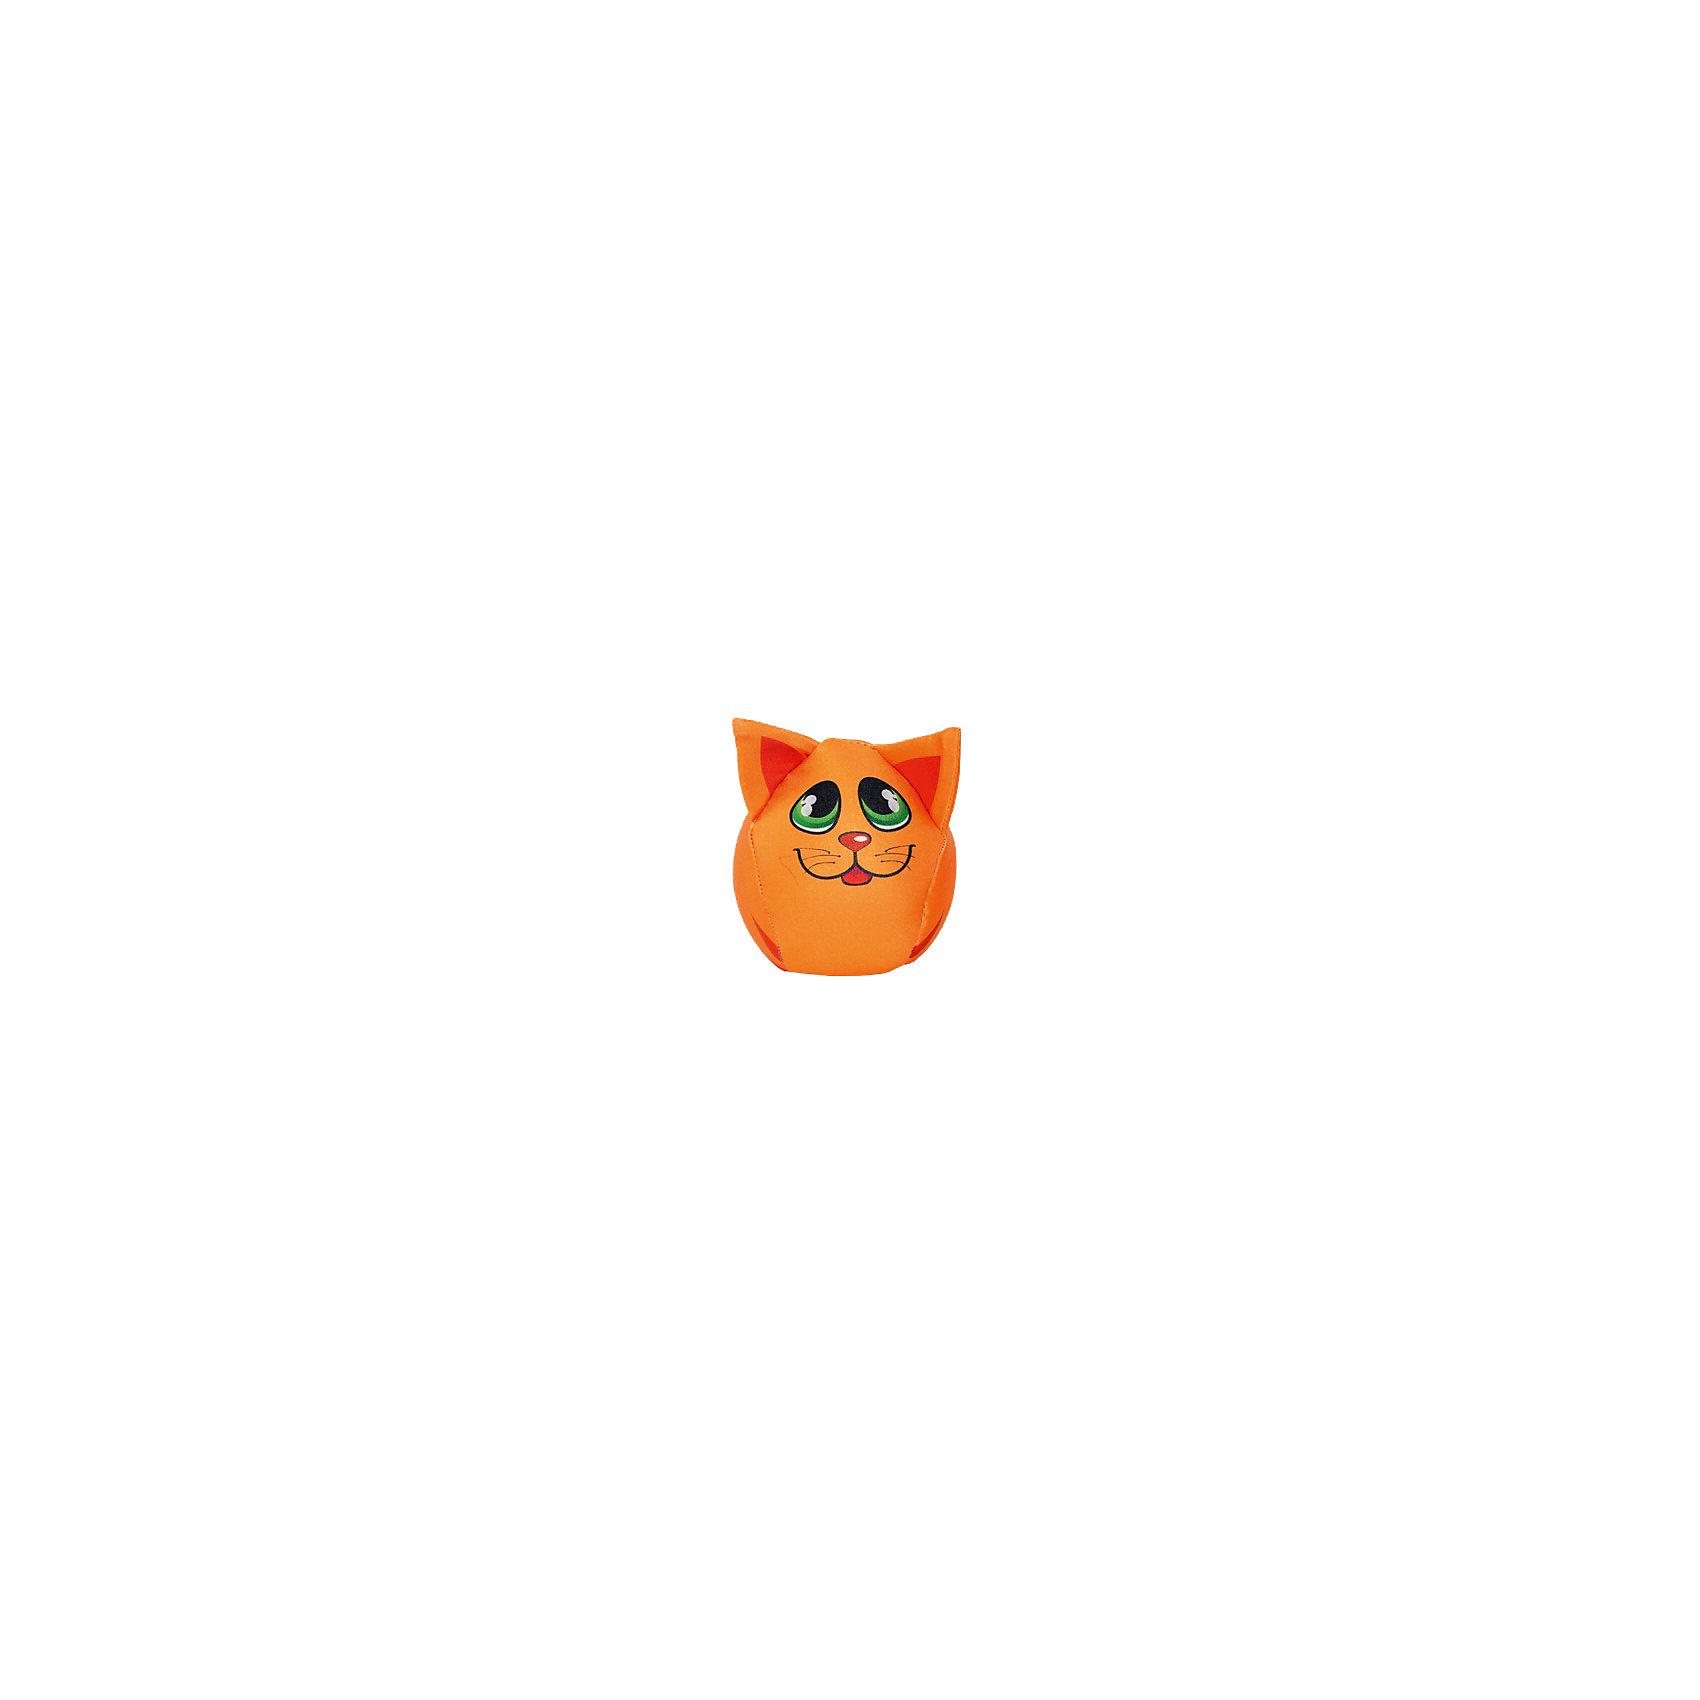 Котик-шарик 8*8*8, арт. 2612-1, Small Toys, оранжевыйХарактеристики товара:<br><br>• цвет: оранжевый<br>• материал: текстиль, наполнитель<br>• размер: 8х8х8 см<br>• в виде котика<br>• возраст: от трех лет<br>• страна бренда: Российская Федерация<br>• страна производства: Российская Федерация<br><br>Красивая и качественная игрушка может отличным подарком ребенку, тем более, если она сделана в виде симпатичного котика! Она яркая, поэтому привлечет внимание малыша. Игрушка сделана из приятного на ощупь материала и наполнителя.<br>Такое изделие сможет помочь развивать моторику, воображение, мышление малыша и отвлекать ребенка при необходимости. Игрушка выполнена в приятной расцветке. Швы хорошо проработаны. Она небольшая, поэтому её удобно брать с собой. Изделие произведено из сертифицированных материалов, безопасных для детей.<br><br>Подушку антистресс арт. 2601/15 от бренда Small Toys можно купить в нашем интернет-магазине.<br><br>Ширина мм: 80<br>Глубина мм: 80<br>Высота мм: 80<br>Вес г: 15<br>Возраст от месяцев: 36<br>Возраст до месяцев: 72<br>Пол: Женский<br>Возраст: Детский<br>SKU: 5272904